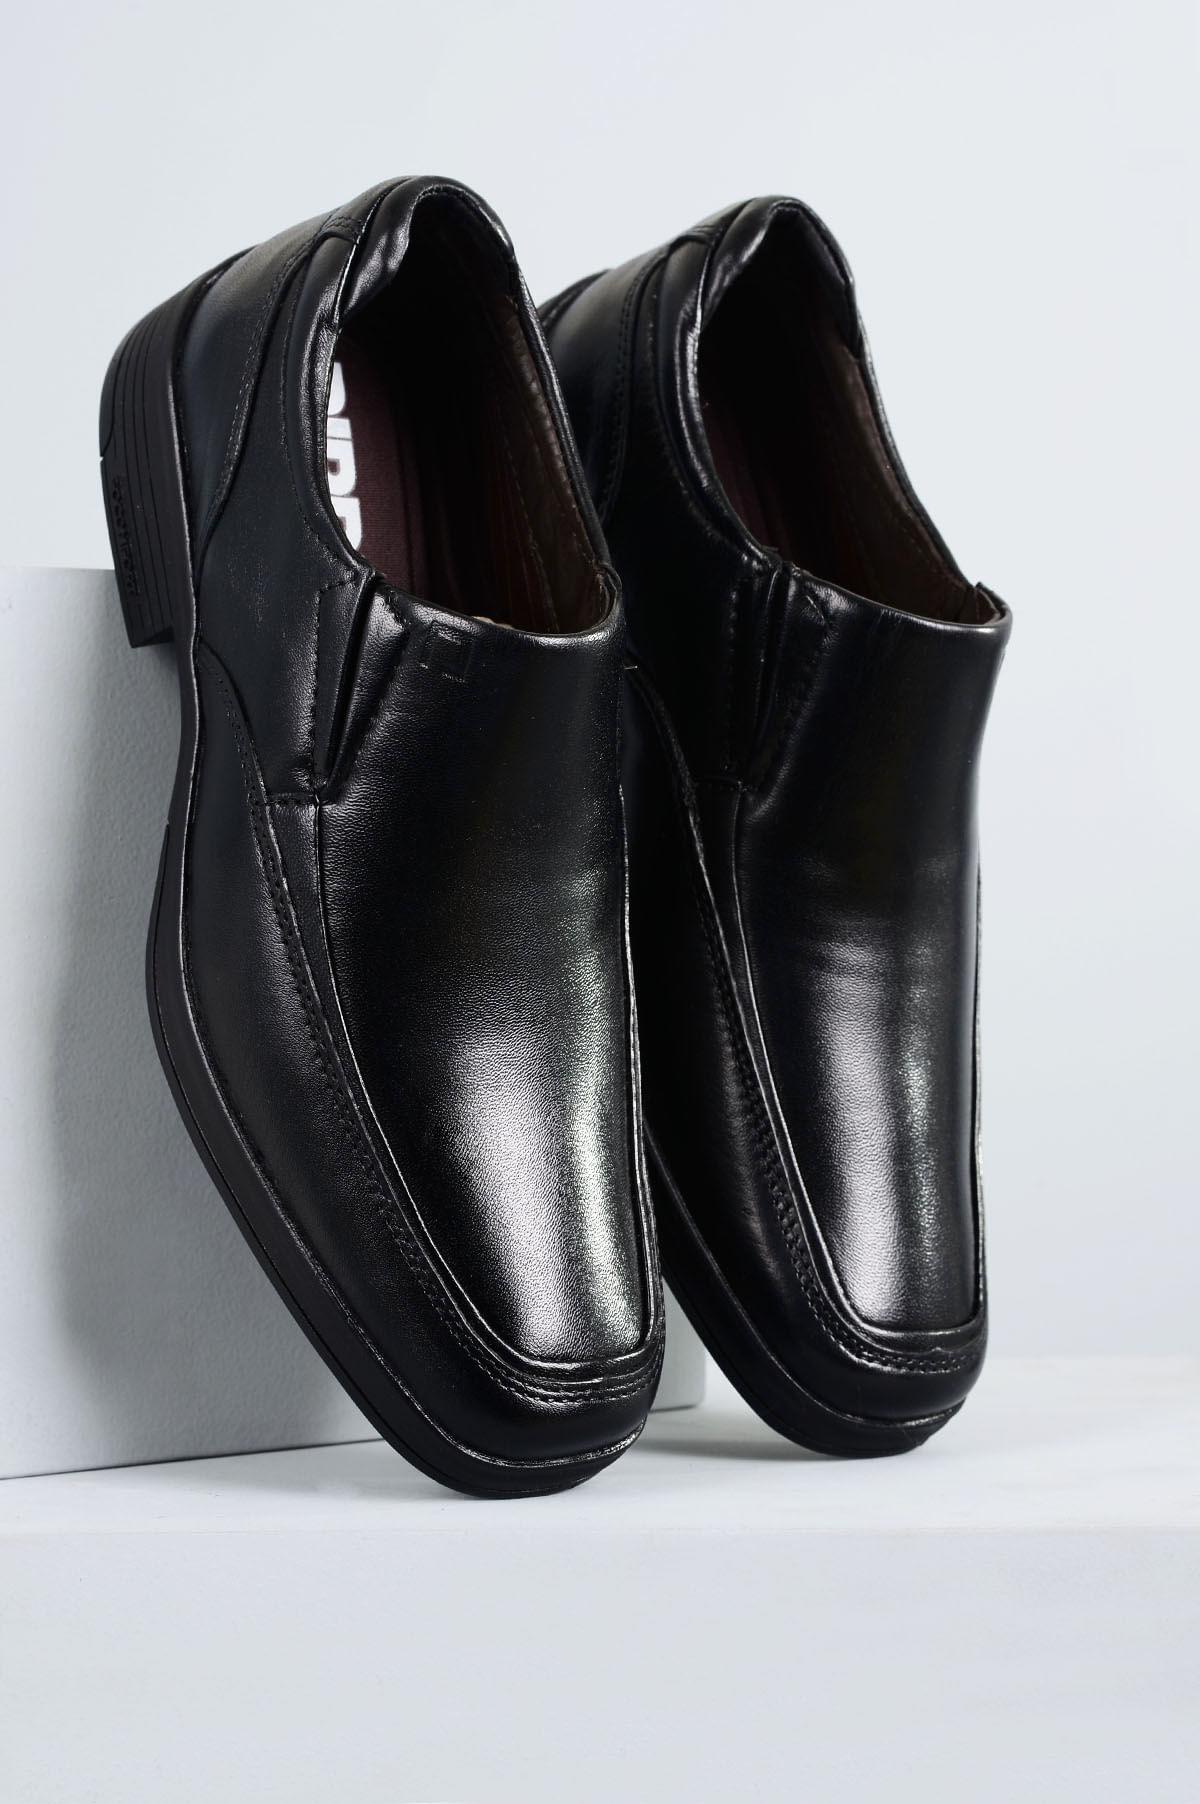 696484fa4c1 Sapato Masculino Pipper Luis CR-PRETO - Mundial Calçados